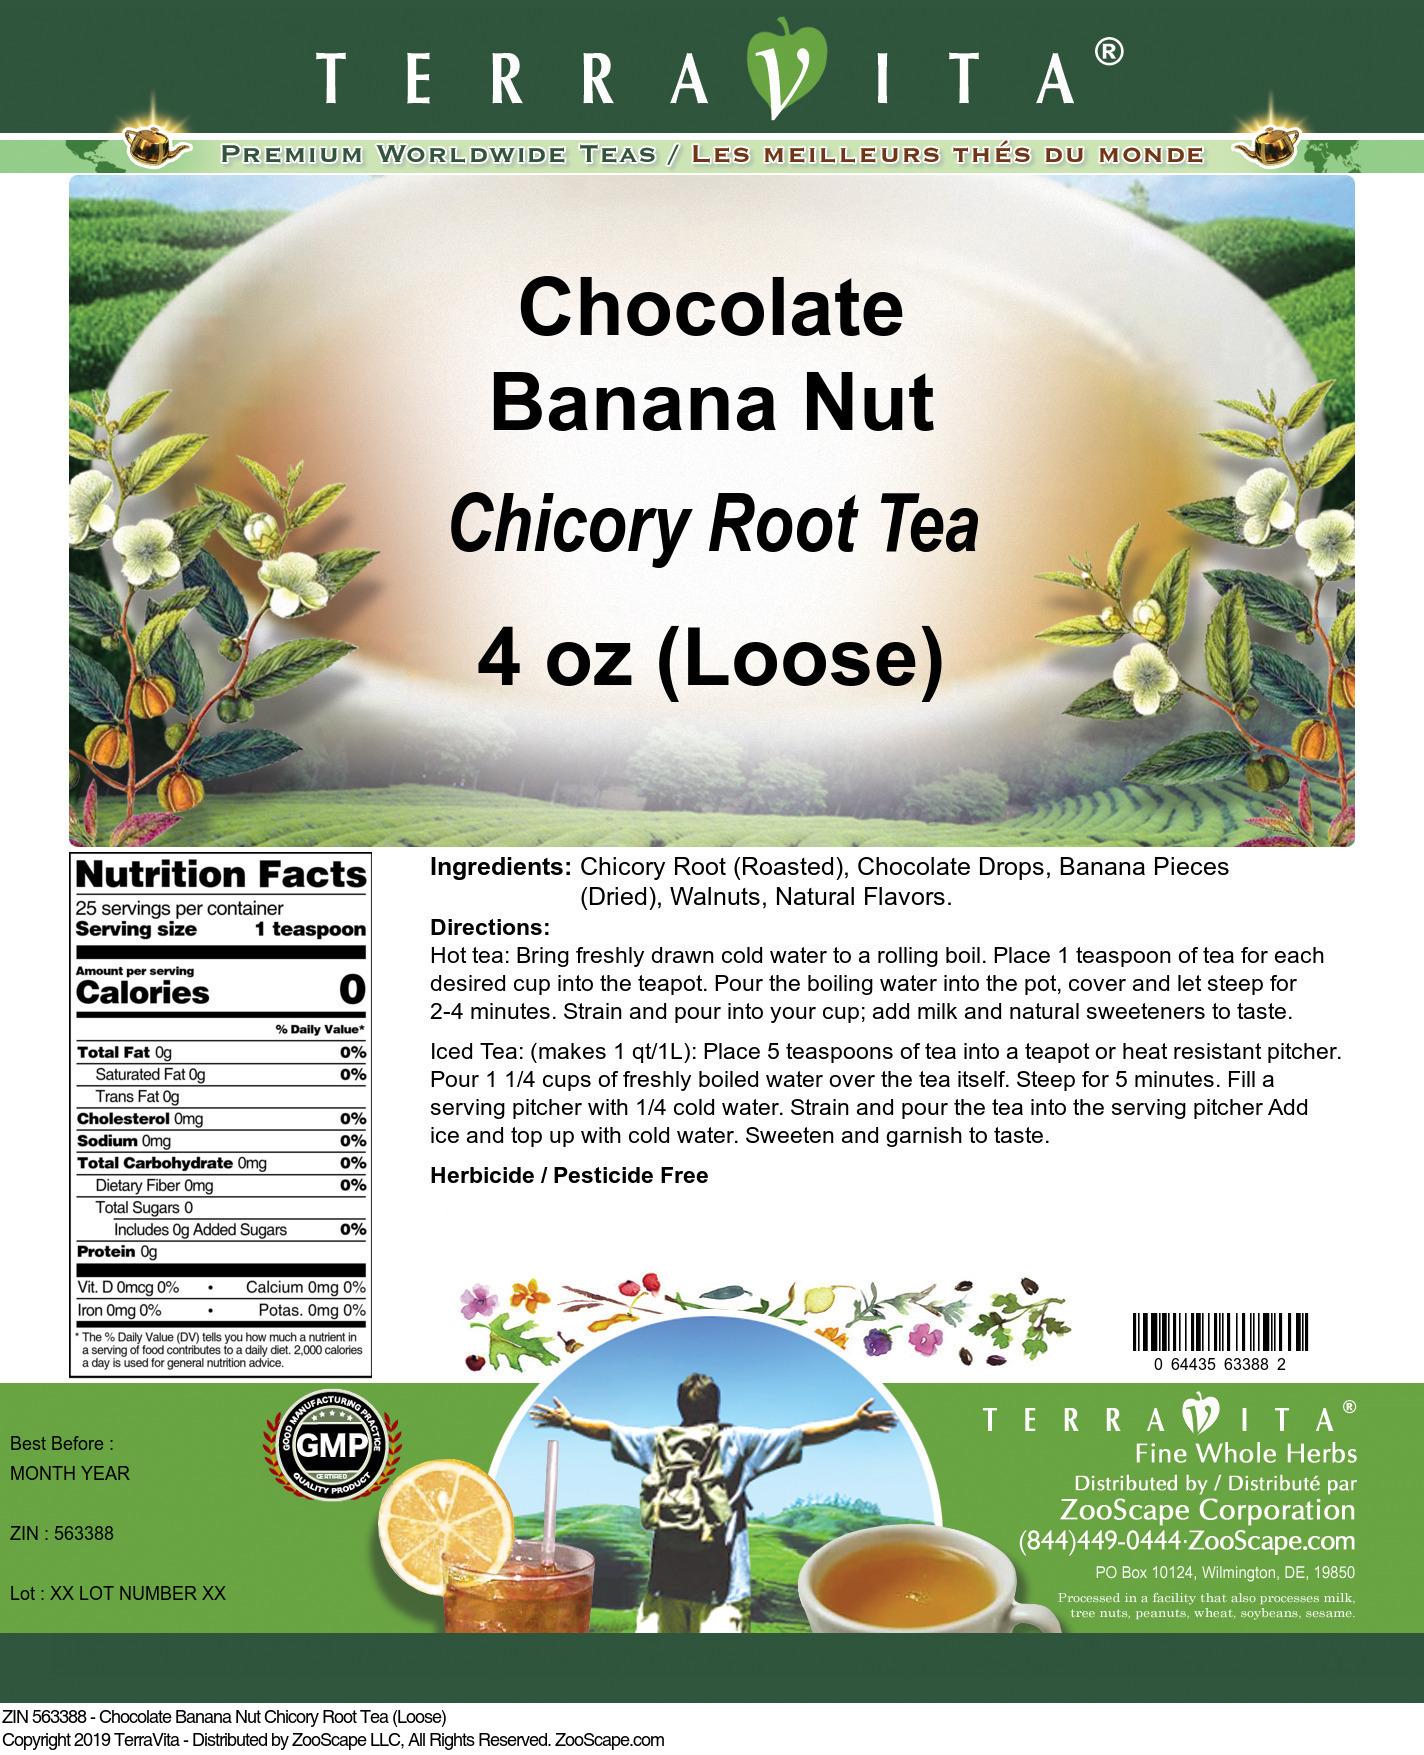 Chocolate Banana Nut Chicory Root